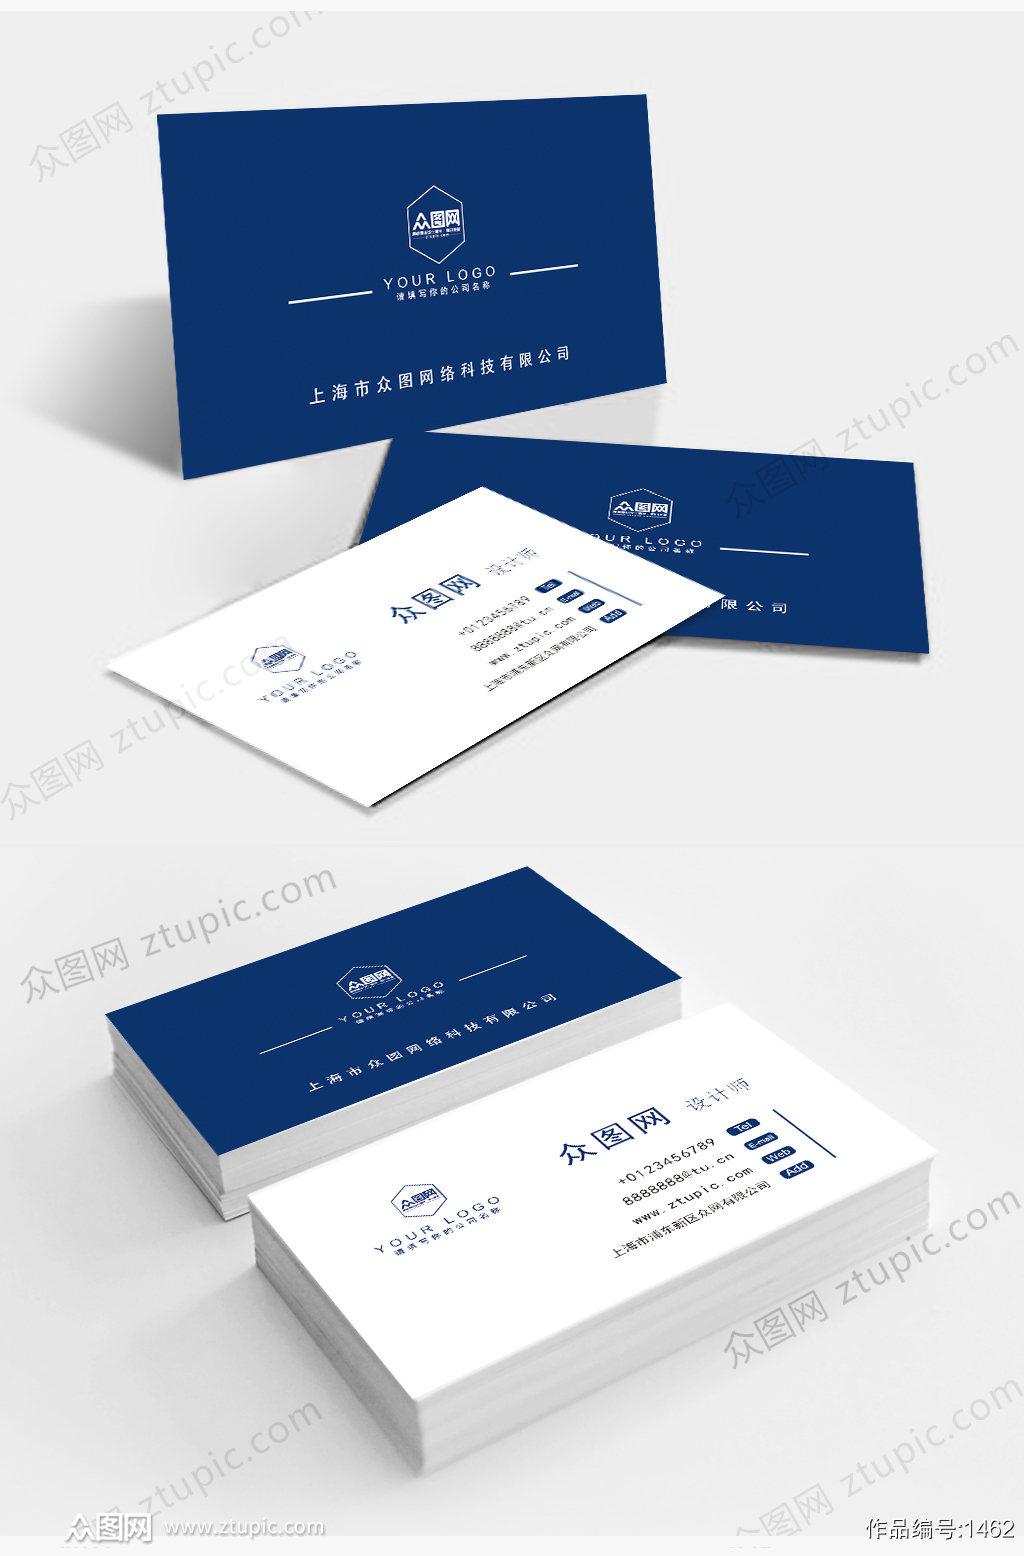 大气创意简约蓝色大气名片设计 名片背面素材